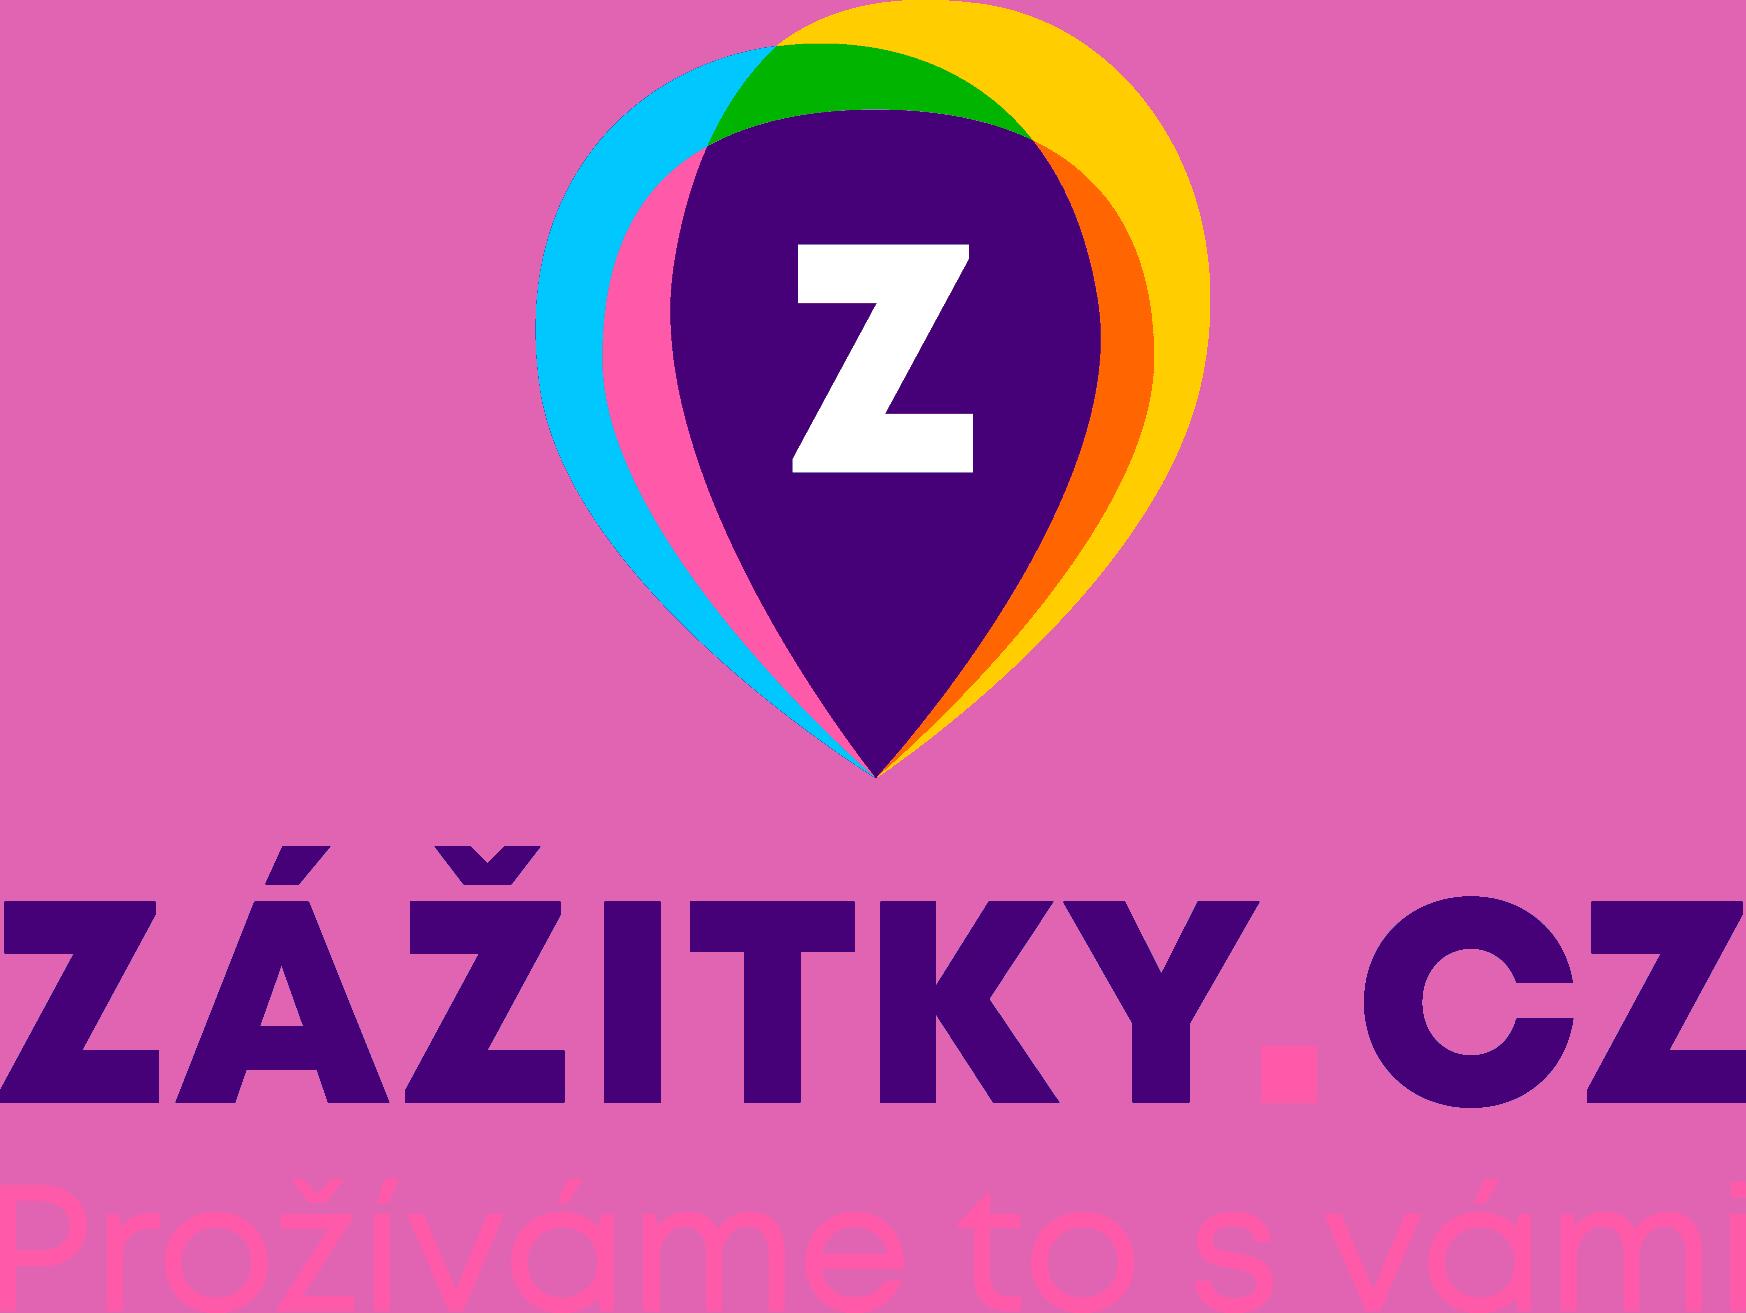 zazitky-dar